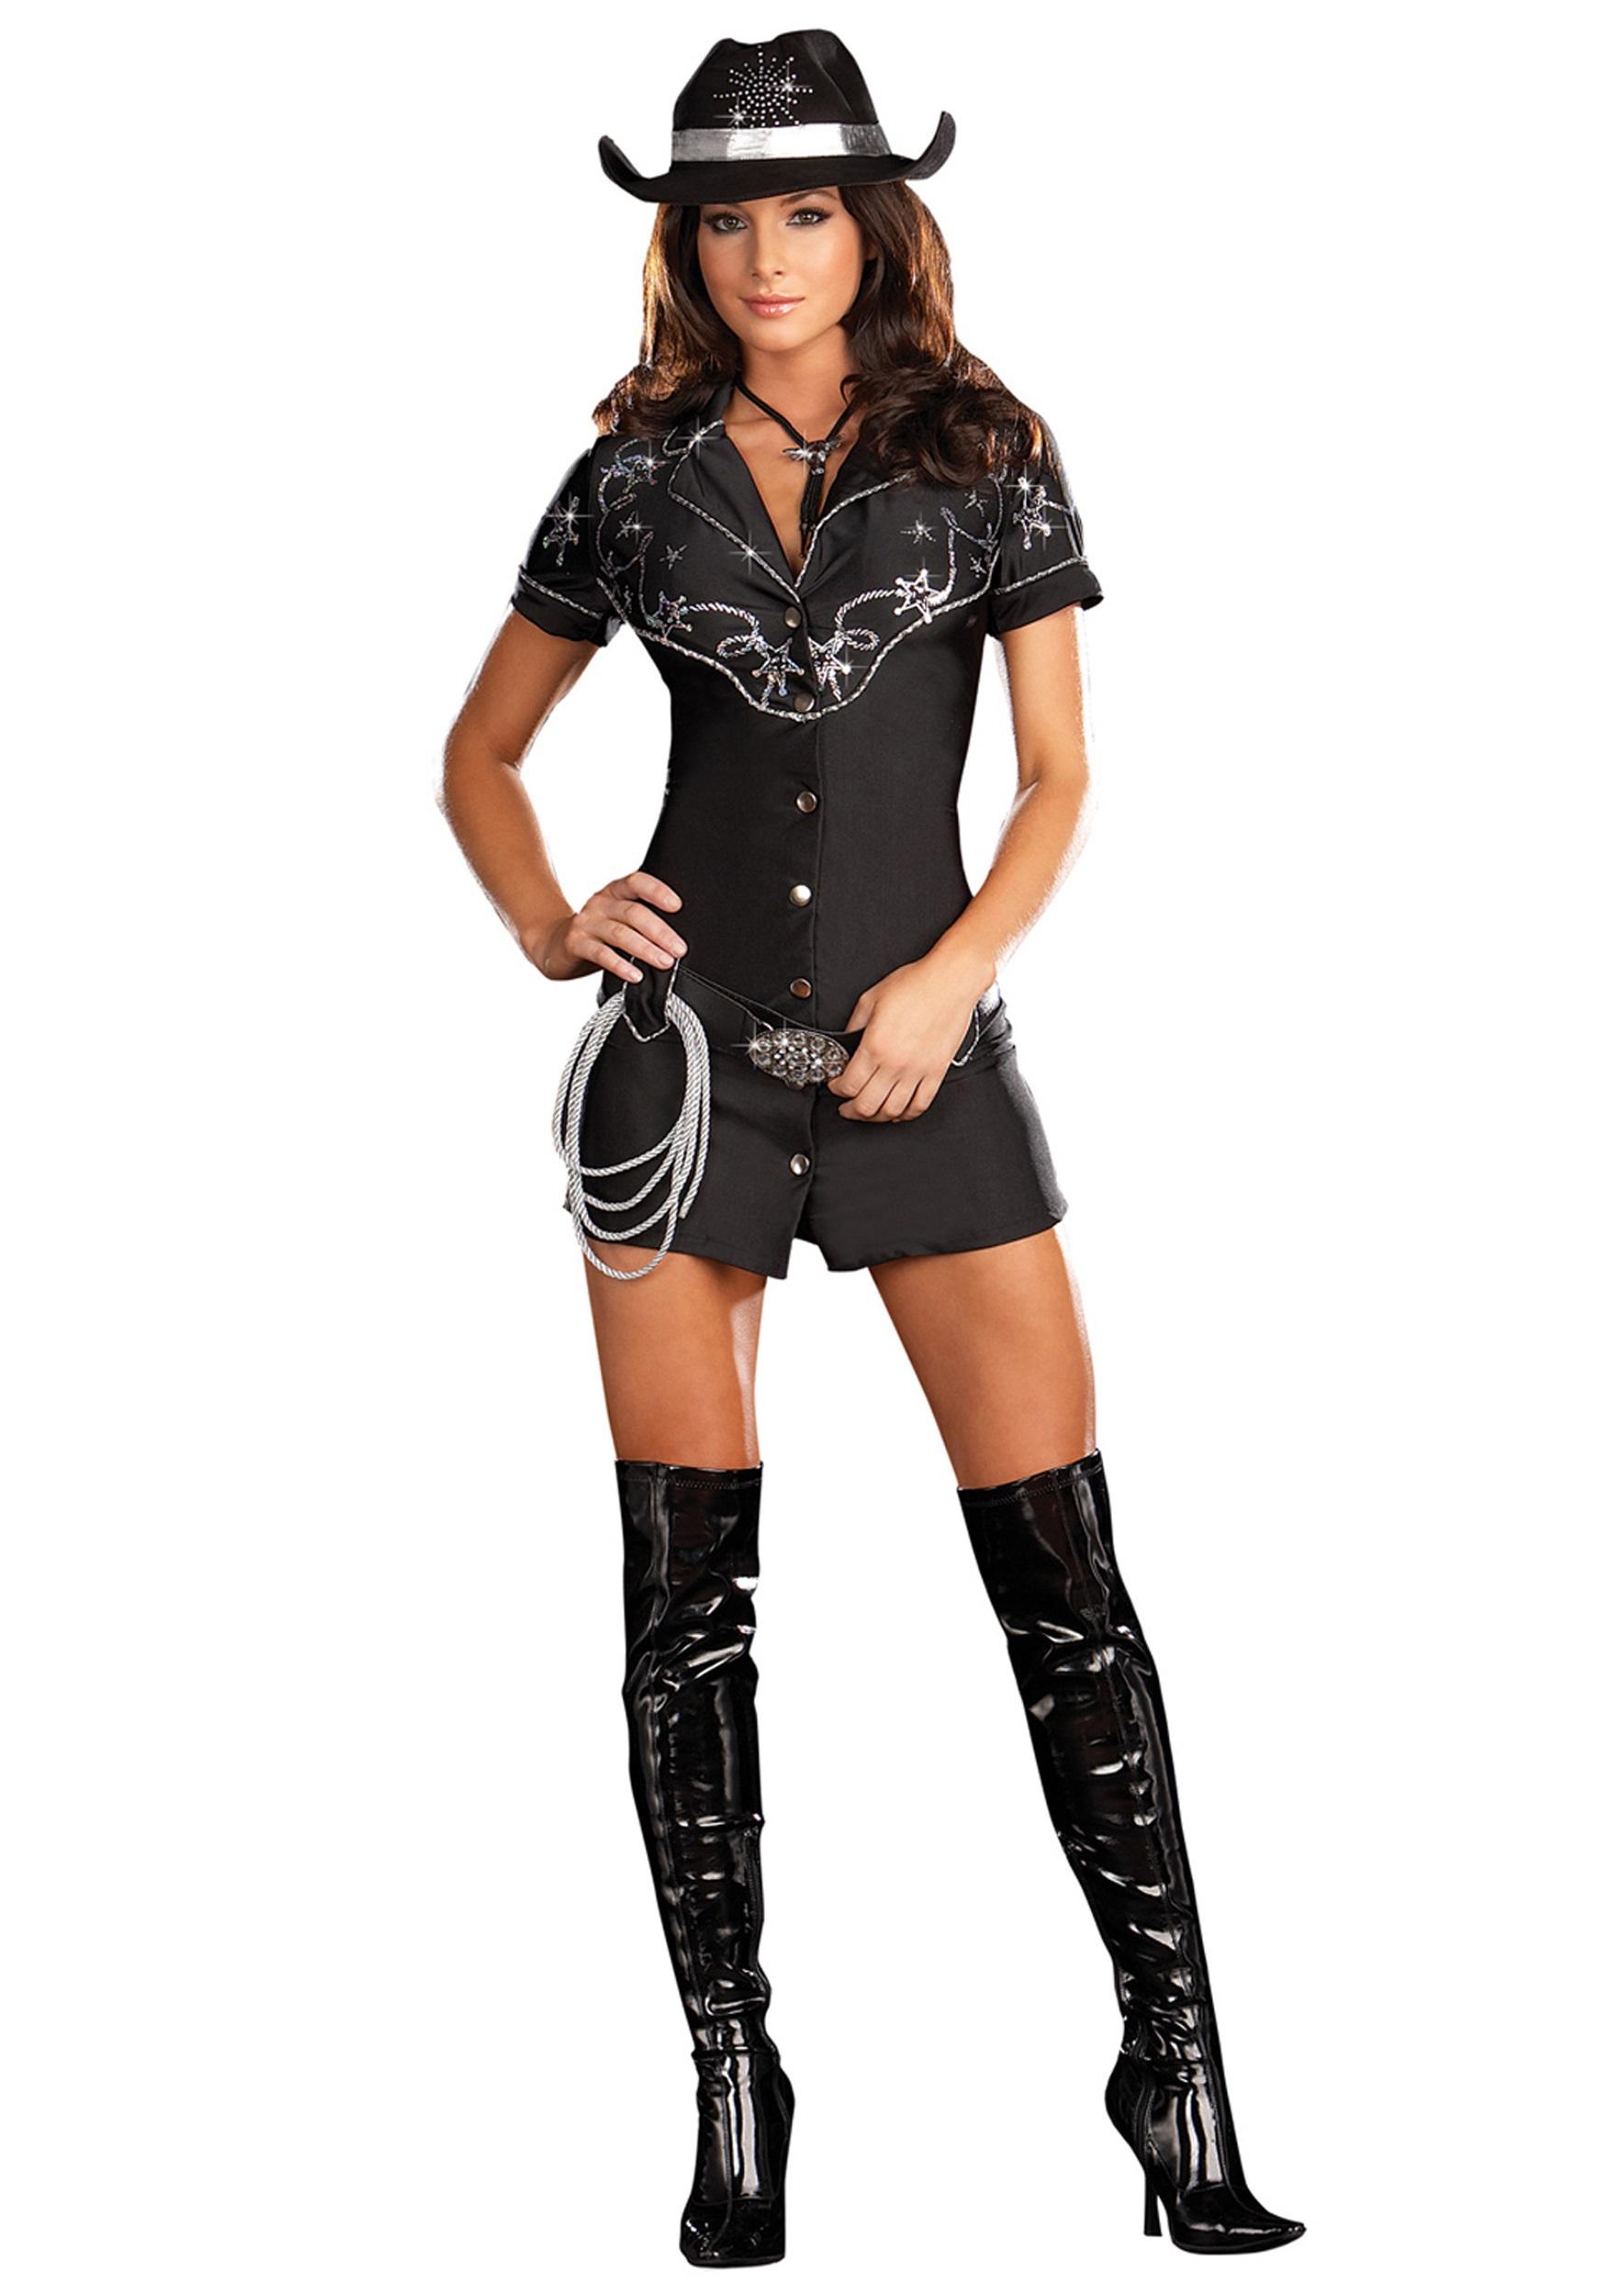 Rhinestone Cowgirl Female Cowboy Cos